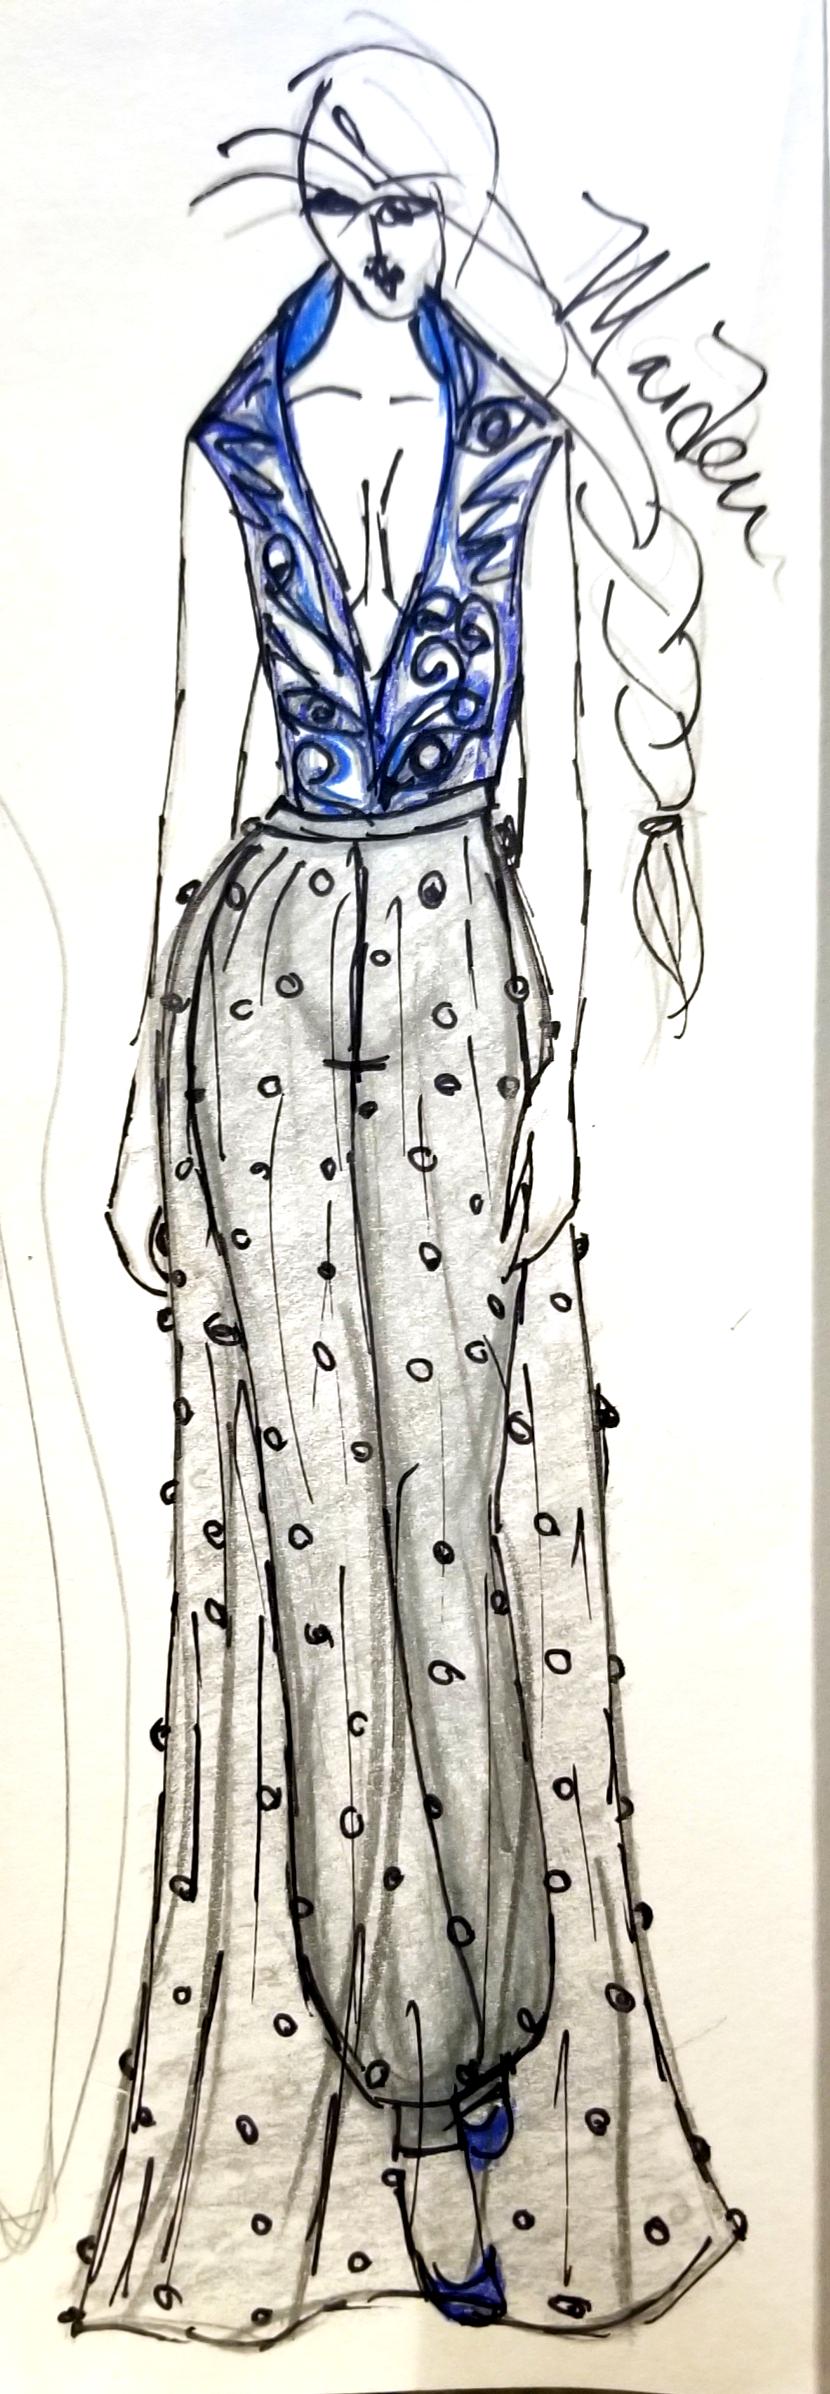 Sketch of Maiden Garment